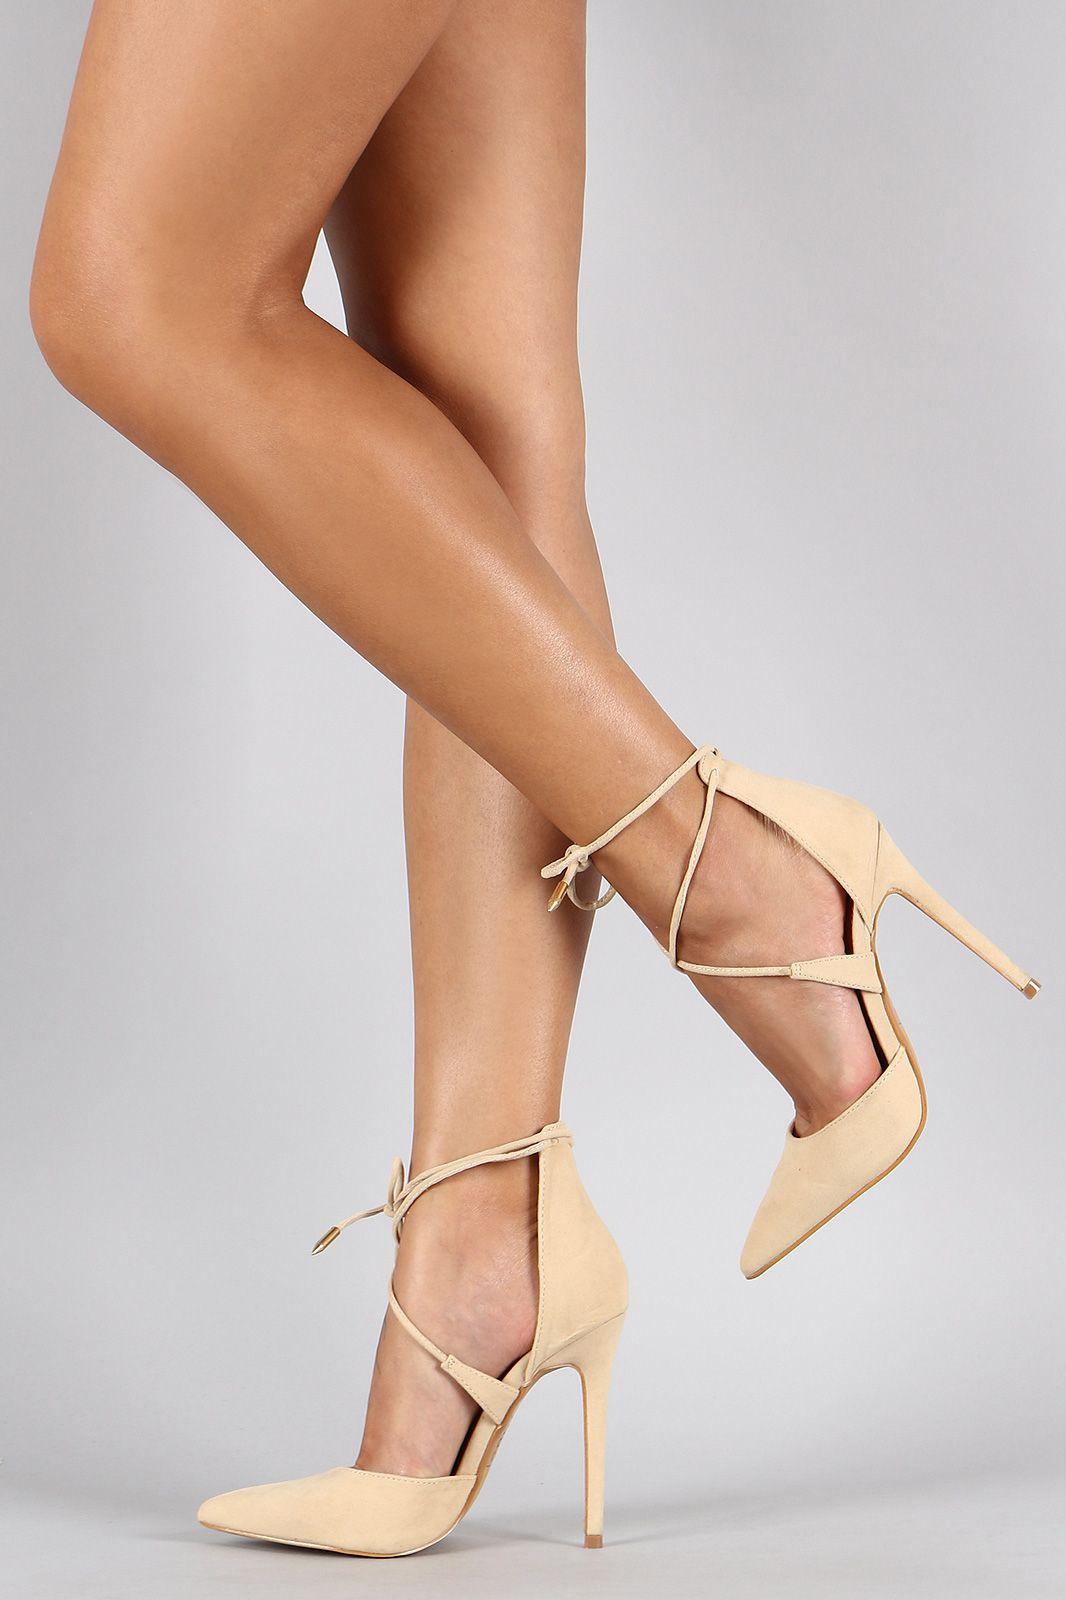 d33699641ce5 Shoe Republic LA Suede Ankle Tie Pointy Toe Pump